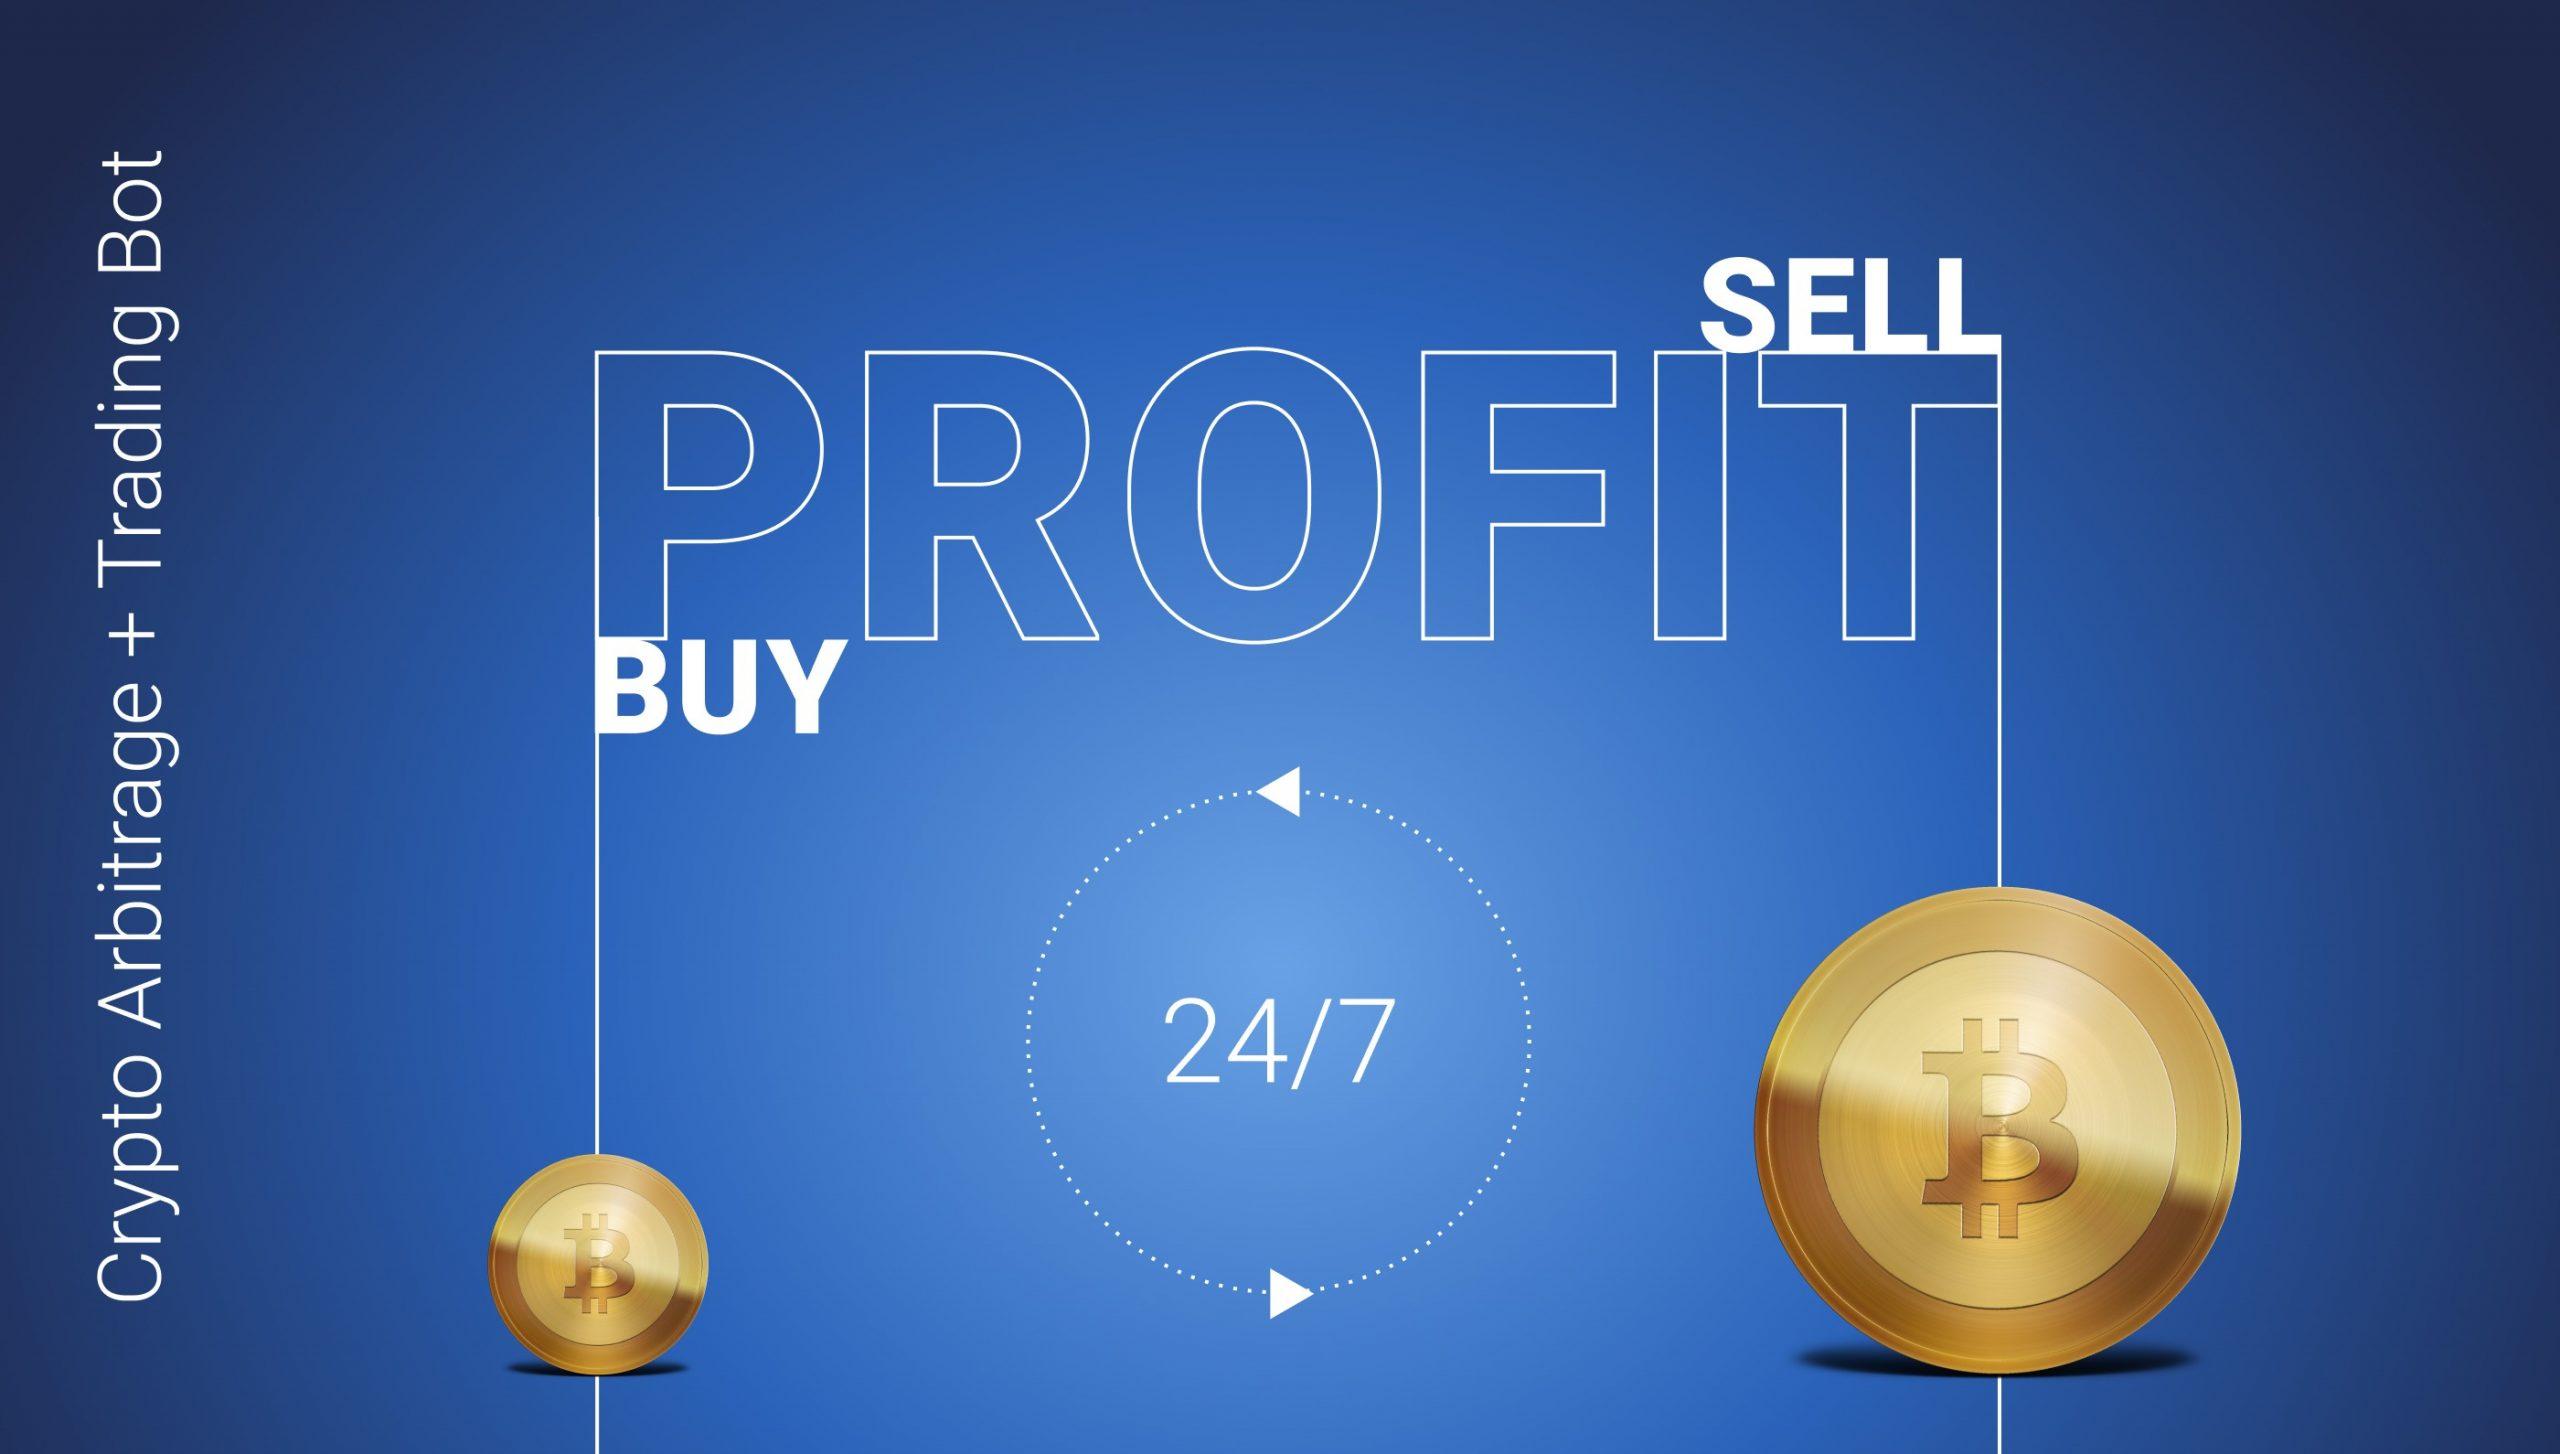 bitcoin software für arbitrage handel verdiensterhebung statistisches landesamt hessen